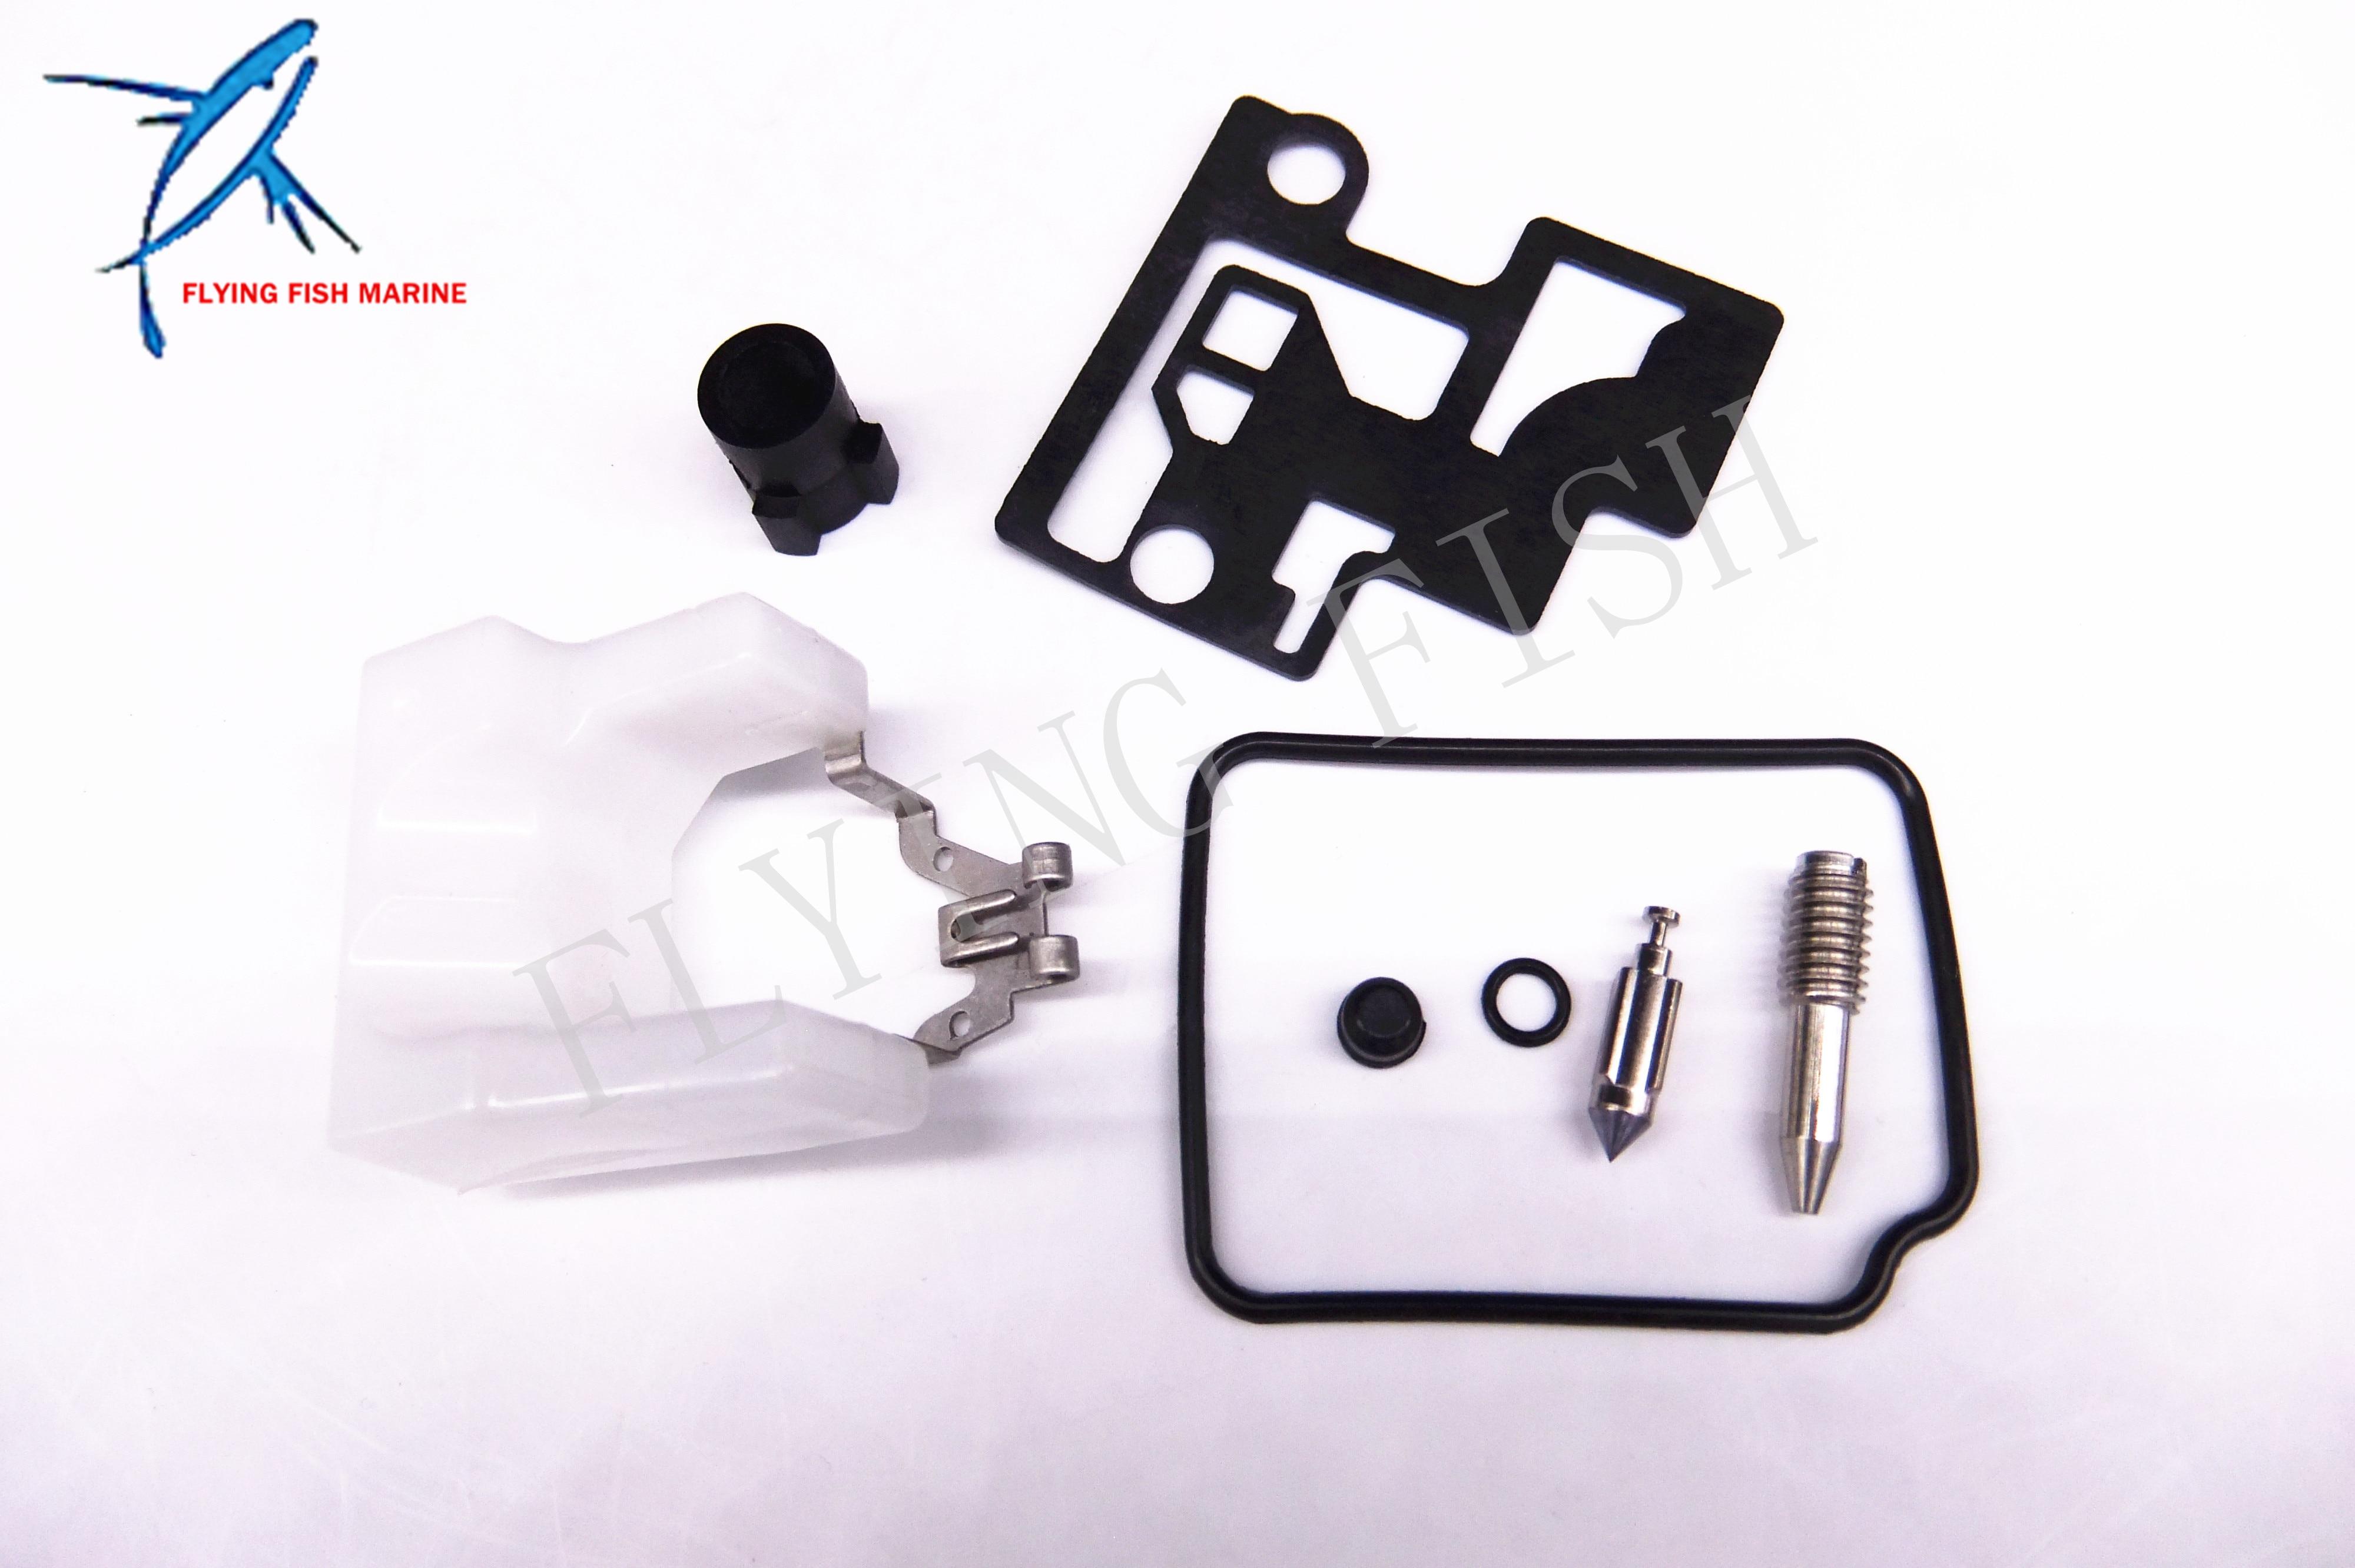 Carb Carburetor Repair Kit for Parsun HDX Makara 4-stroke 2.6hp F2.6 Boat Motor